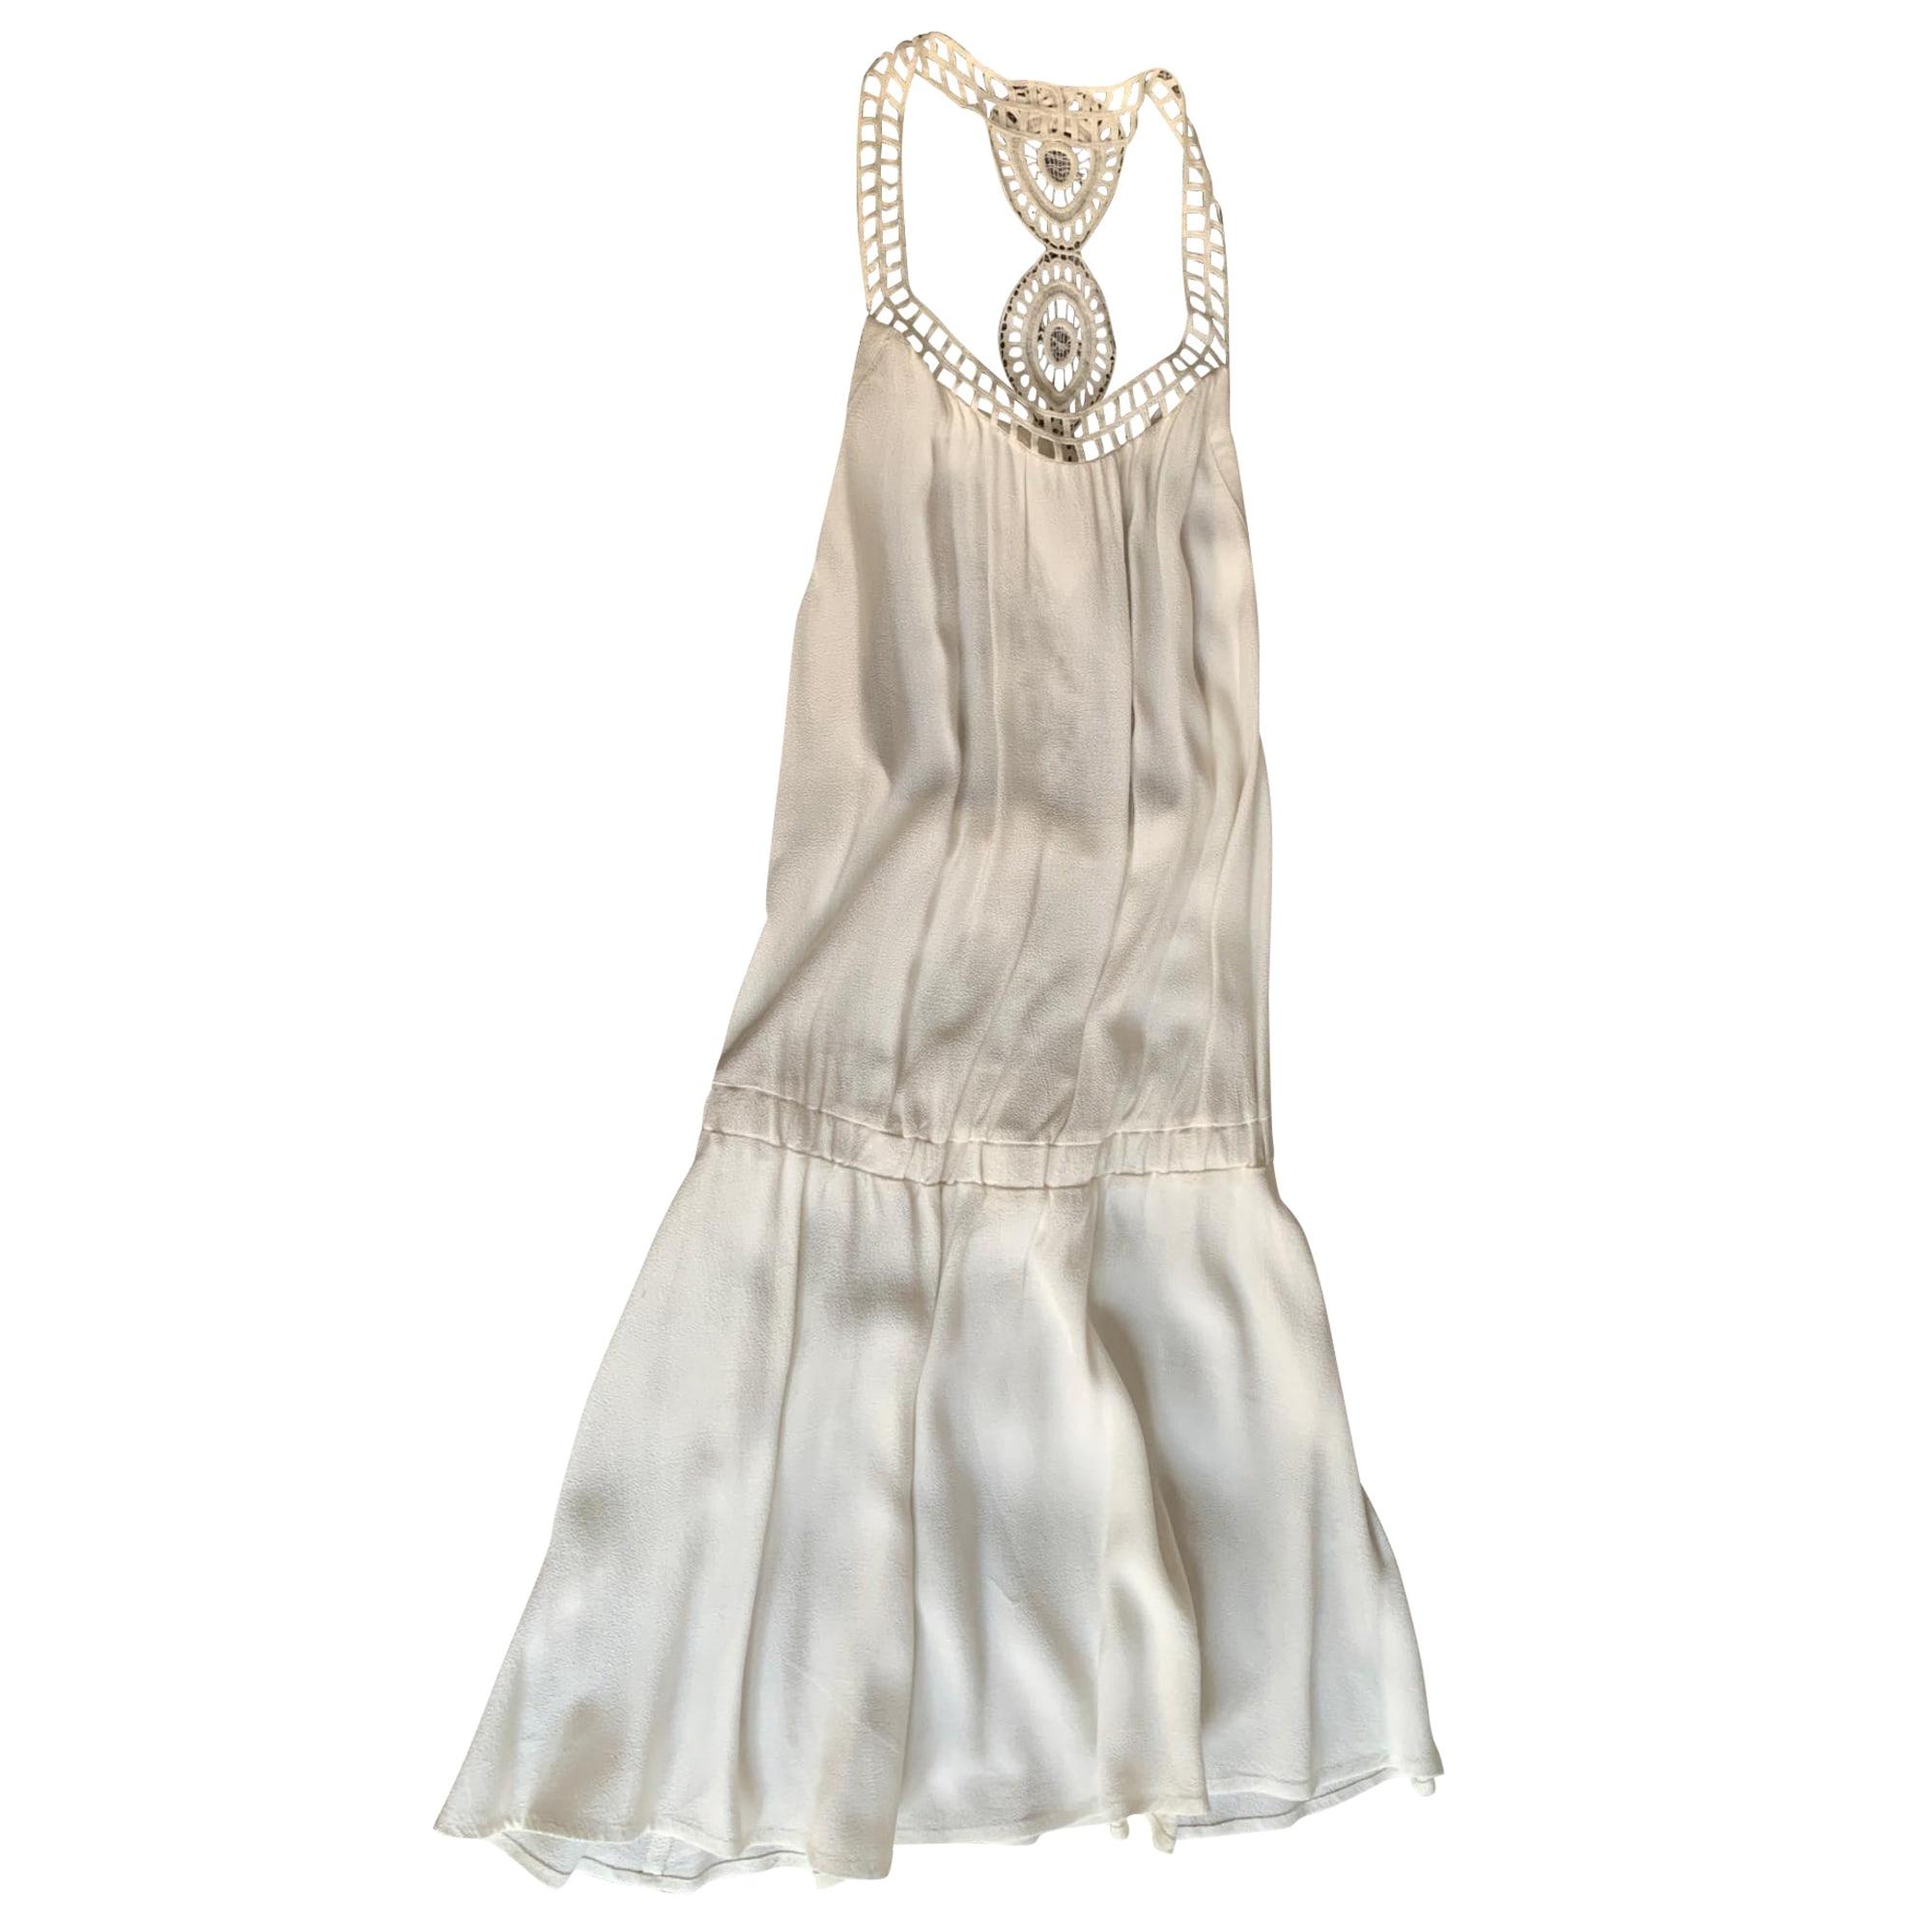 Mini Dress BA&SH White, off-white, ecru